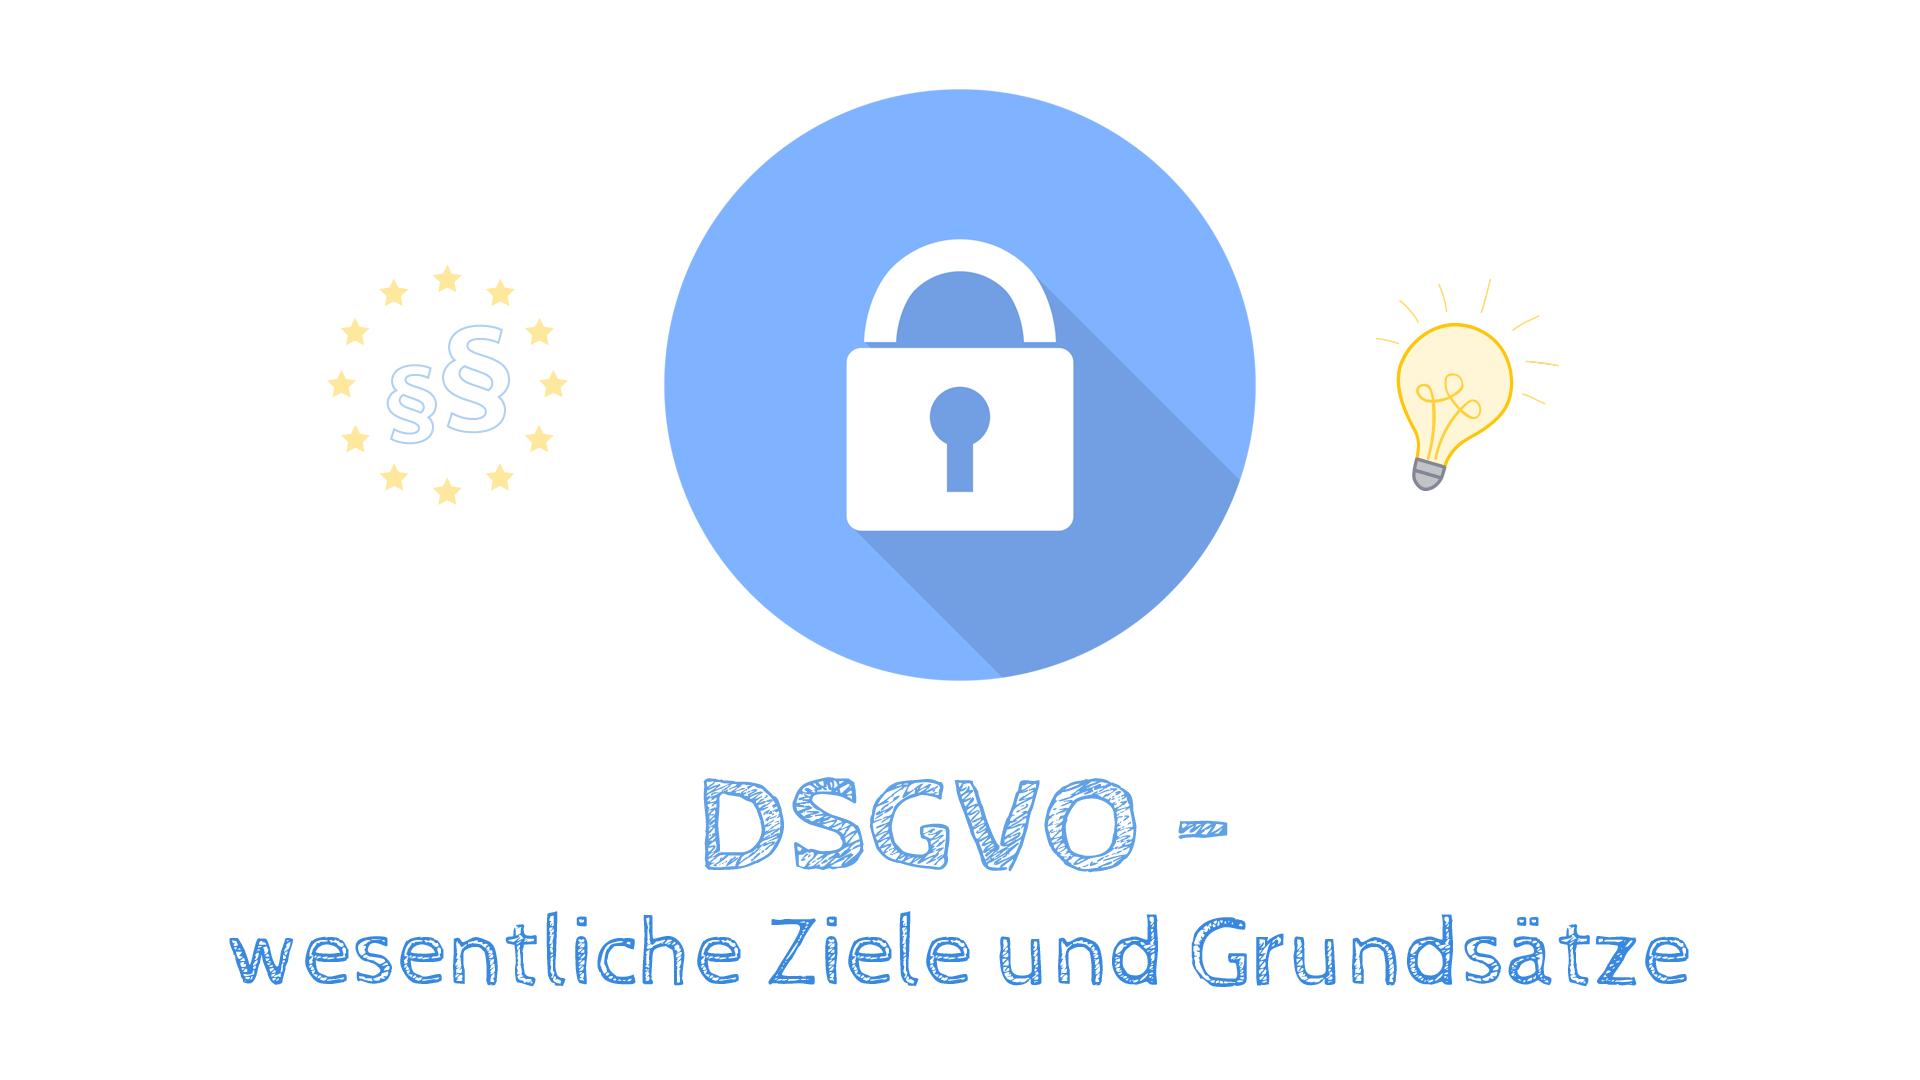 DSGVO - Wesentliche Ziele und Grundsätze